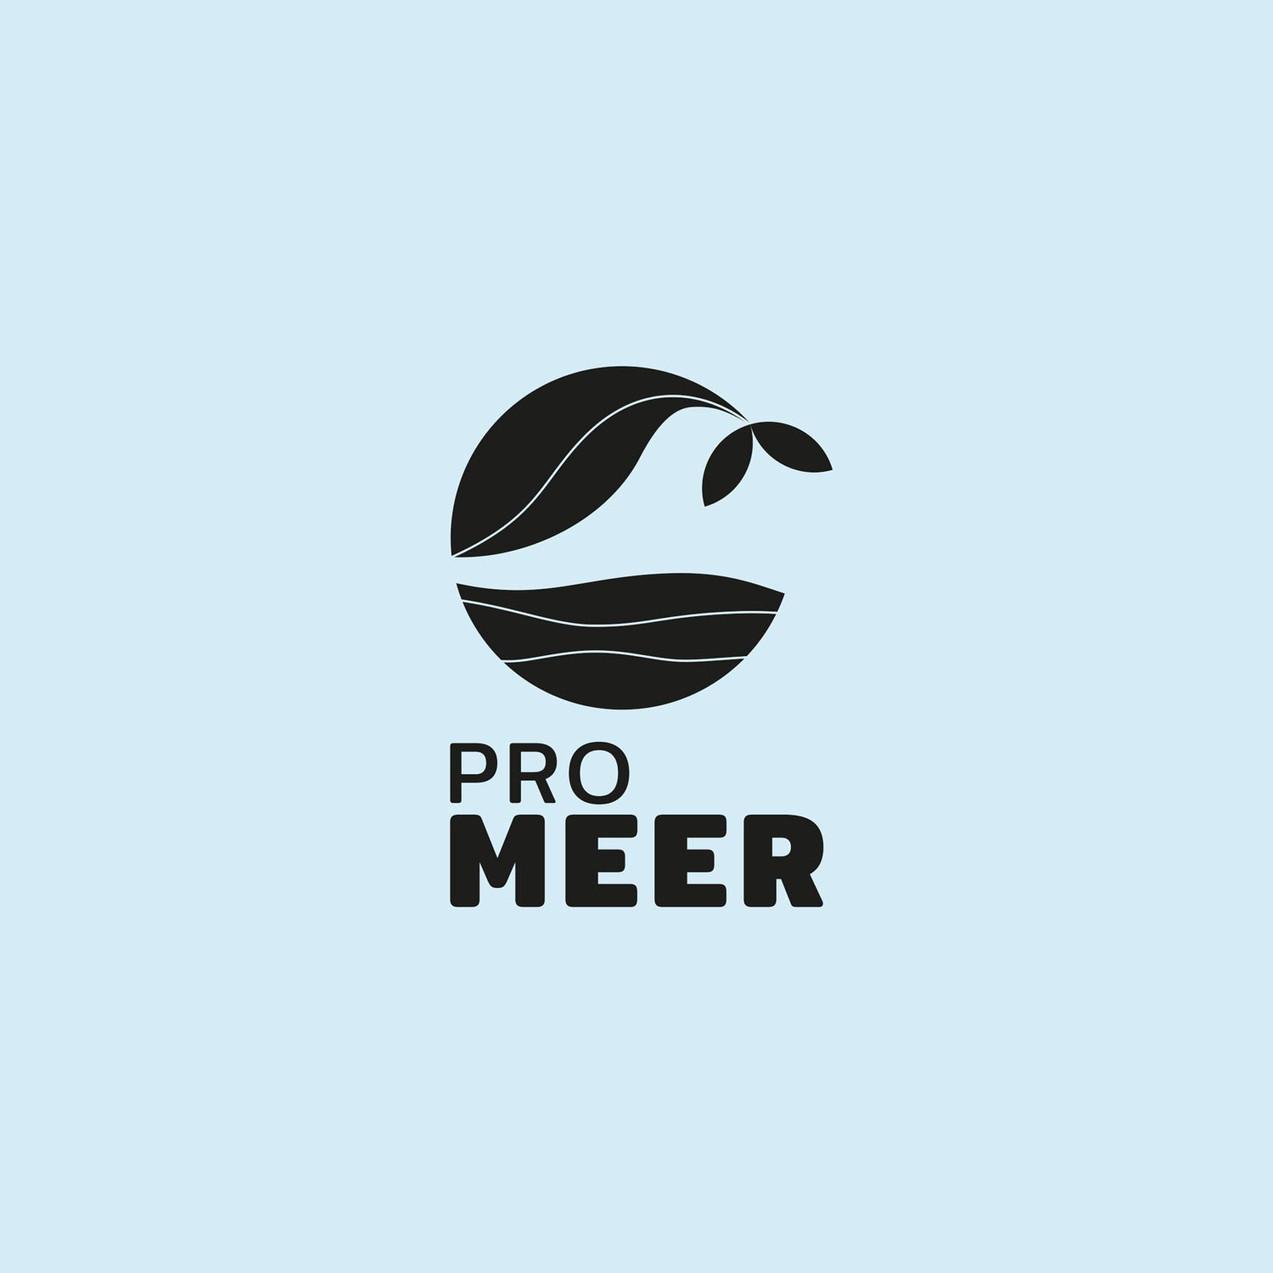 FOL_Pro-Meer_Logo_black.jpg